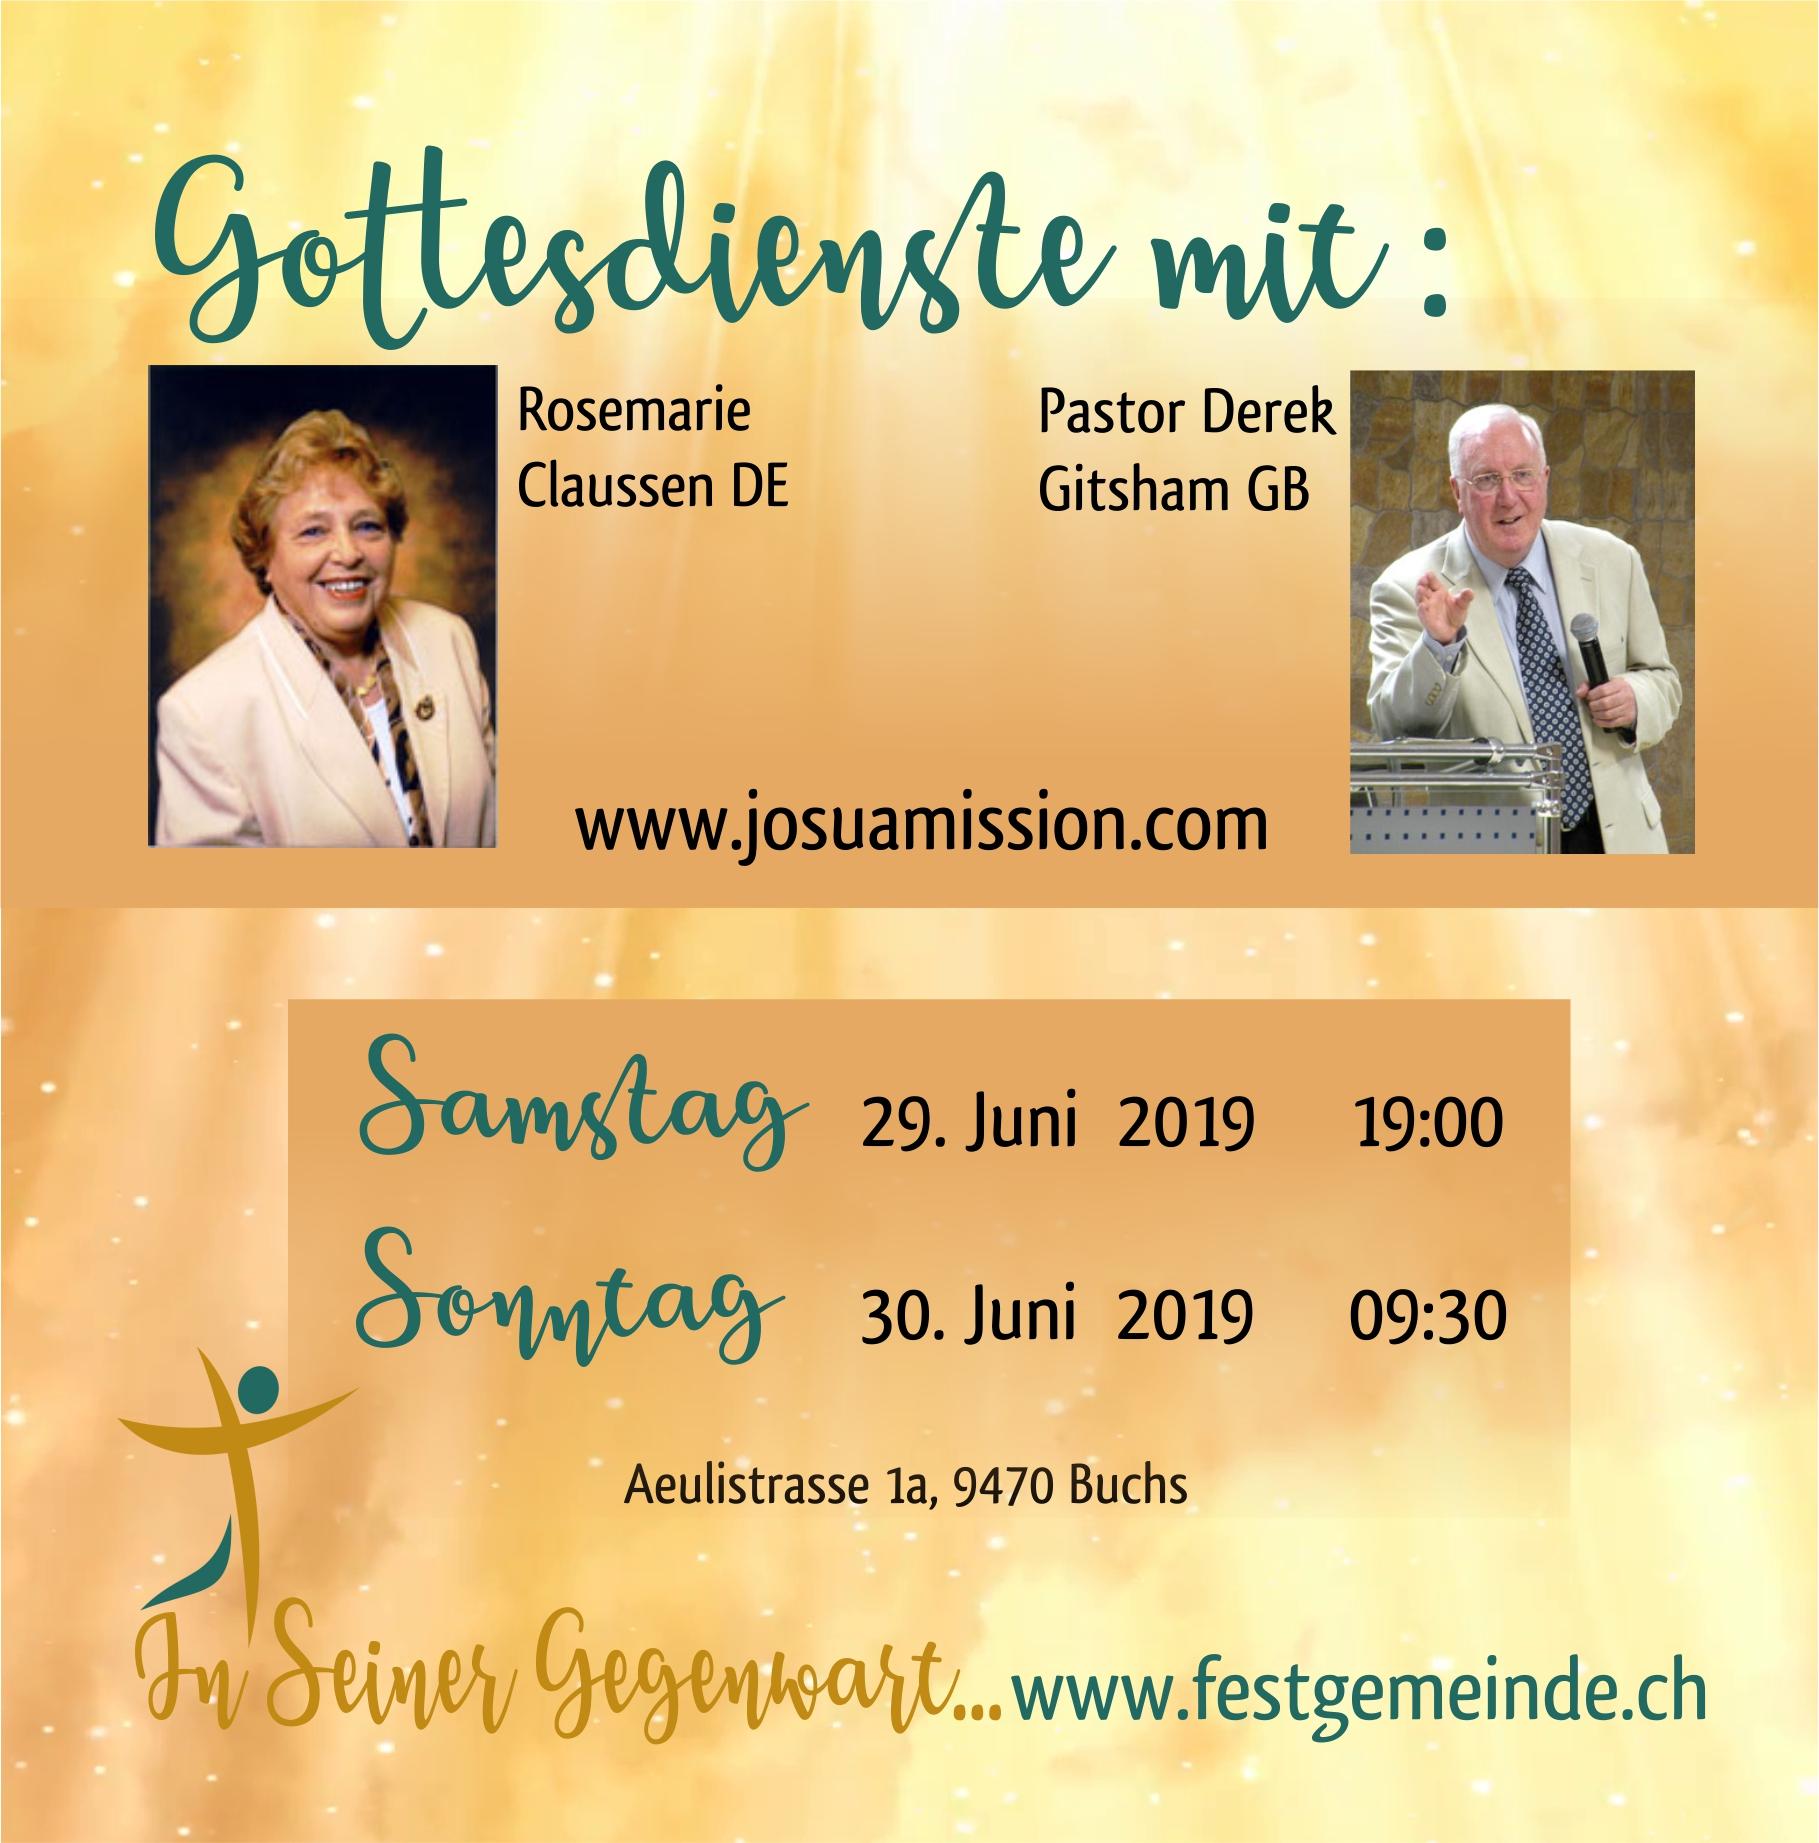 Besonderer Gottesdienst mit Rosmarie Claussen DE und Derek Gitsham GB